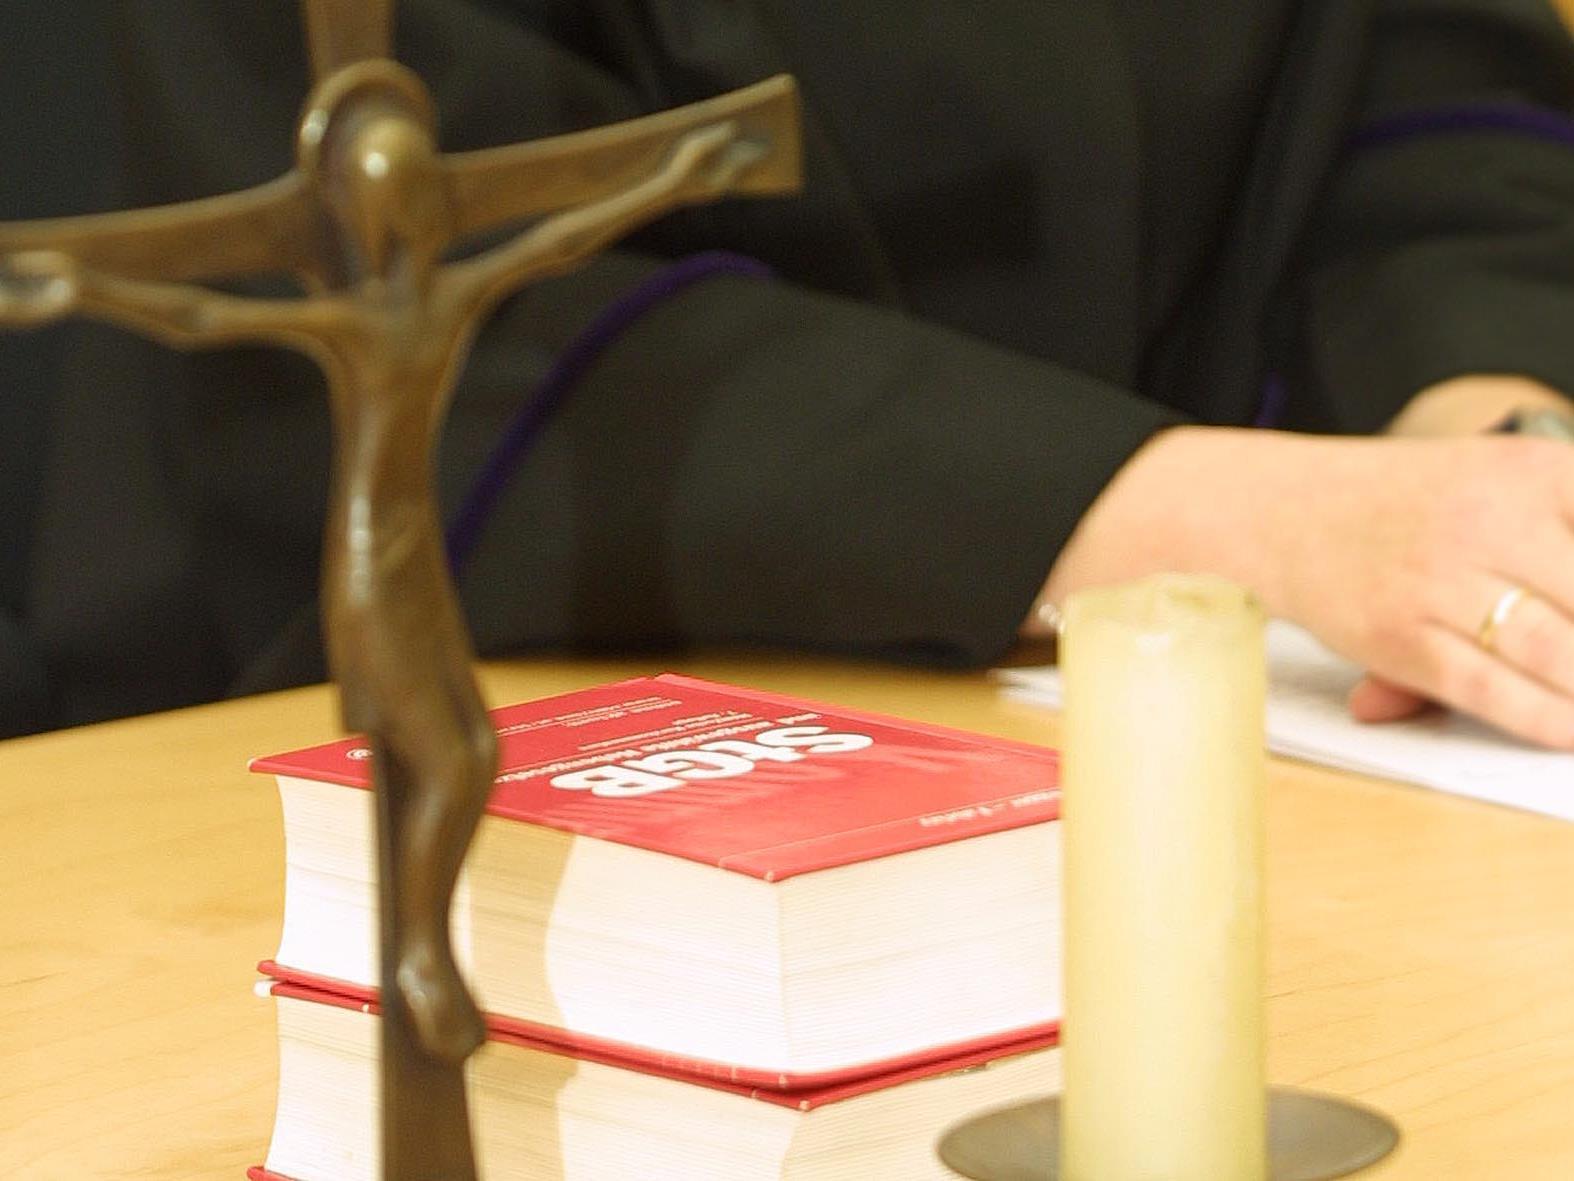 Der Therapeut wurde am Freitag in Vorarlberg für schuldig befunden.